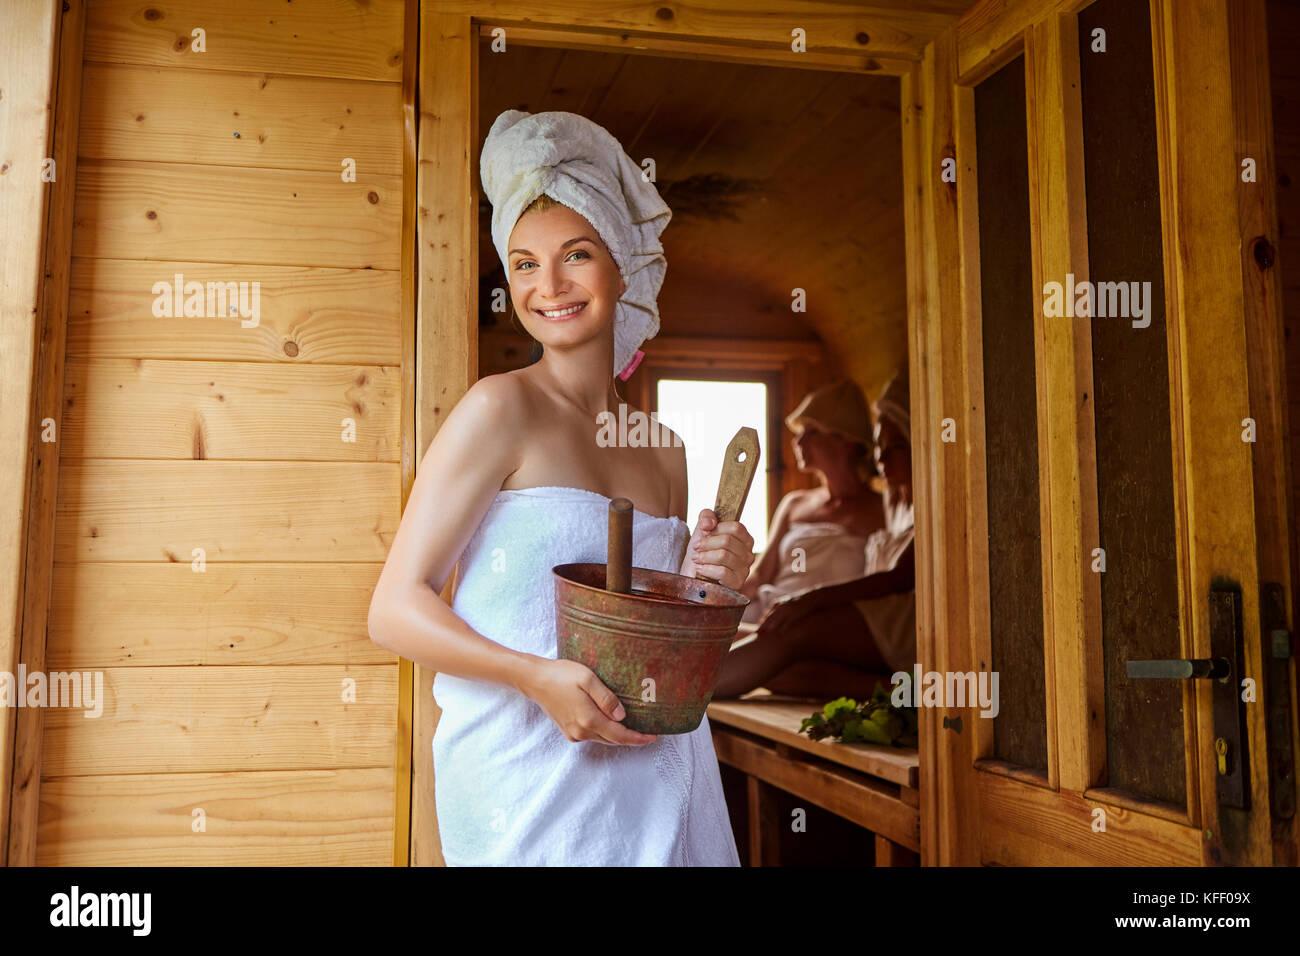 Русских баня и фото девчонок давалка порно